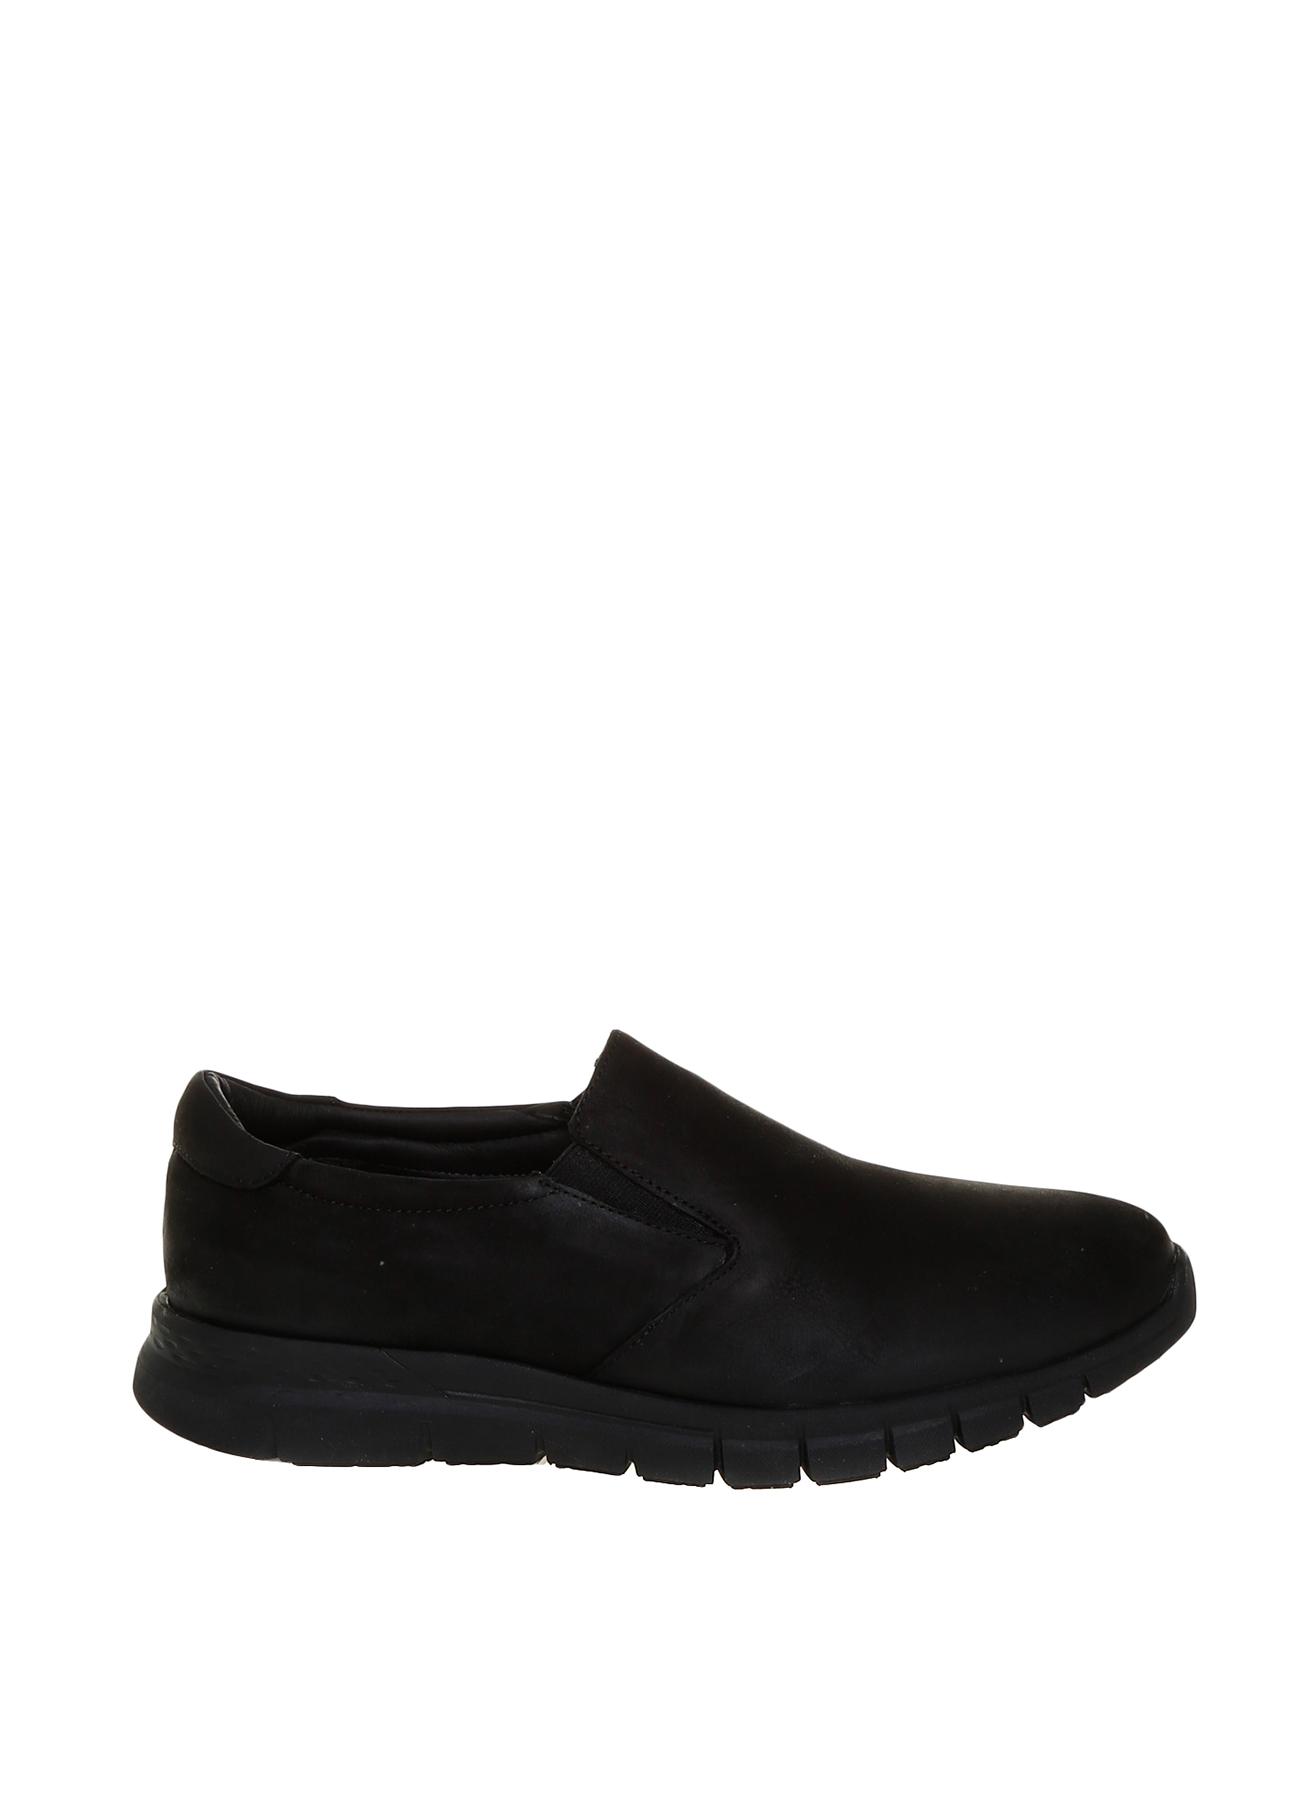 Penford Deri Siyah Düz Ayakkabı 38 5001916044003 Ürün Resmi